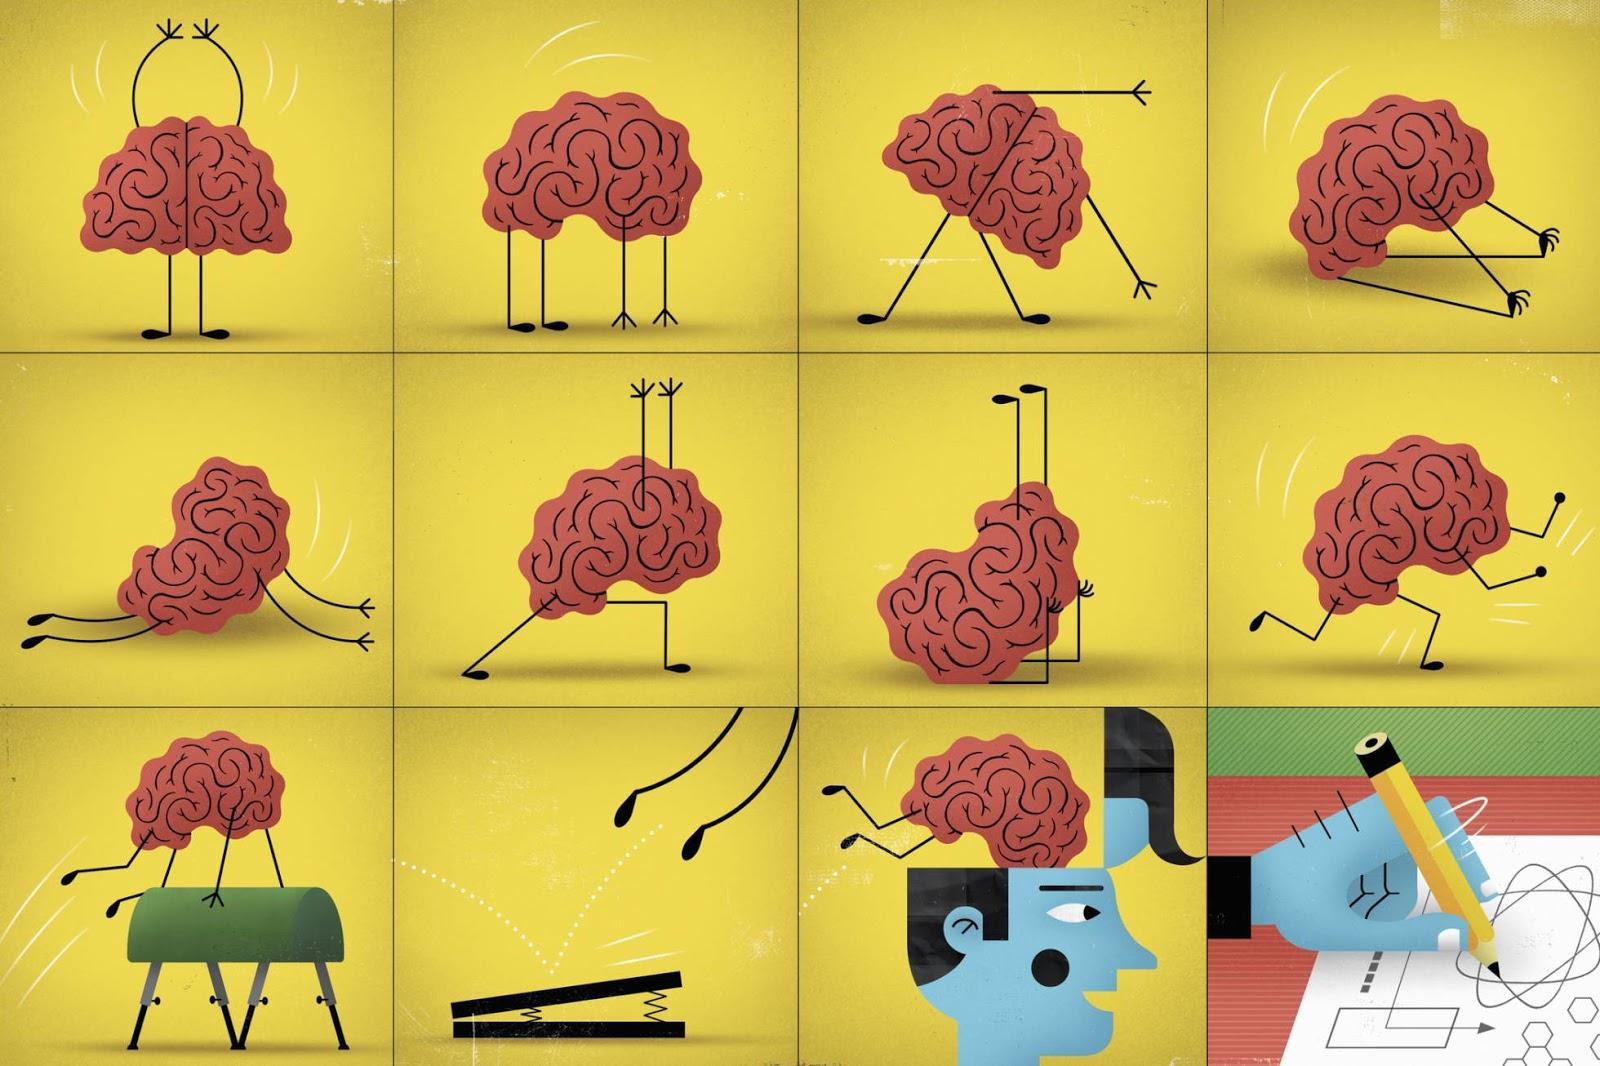 Esclerodiario empp - emsp: Las neuronas sí se regeneran: 5 hábitos ...